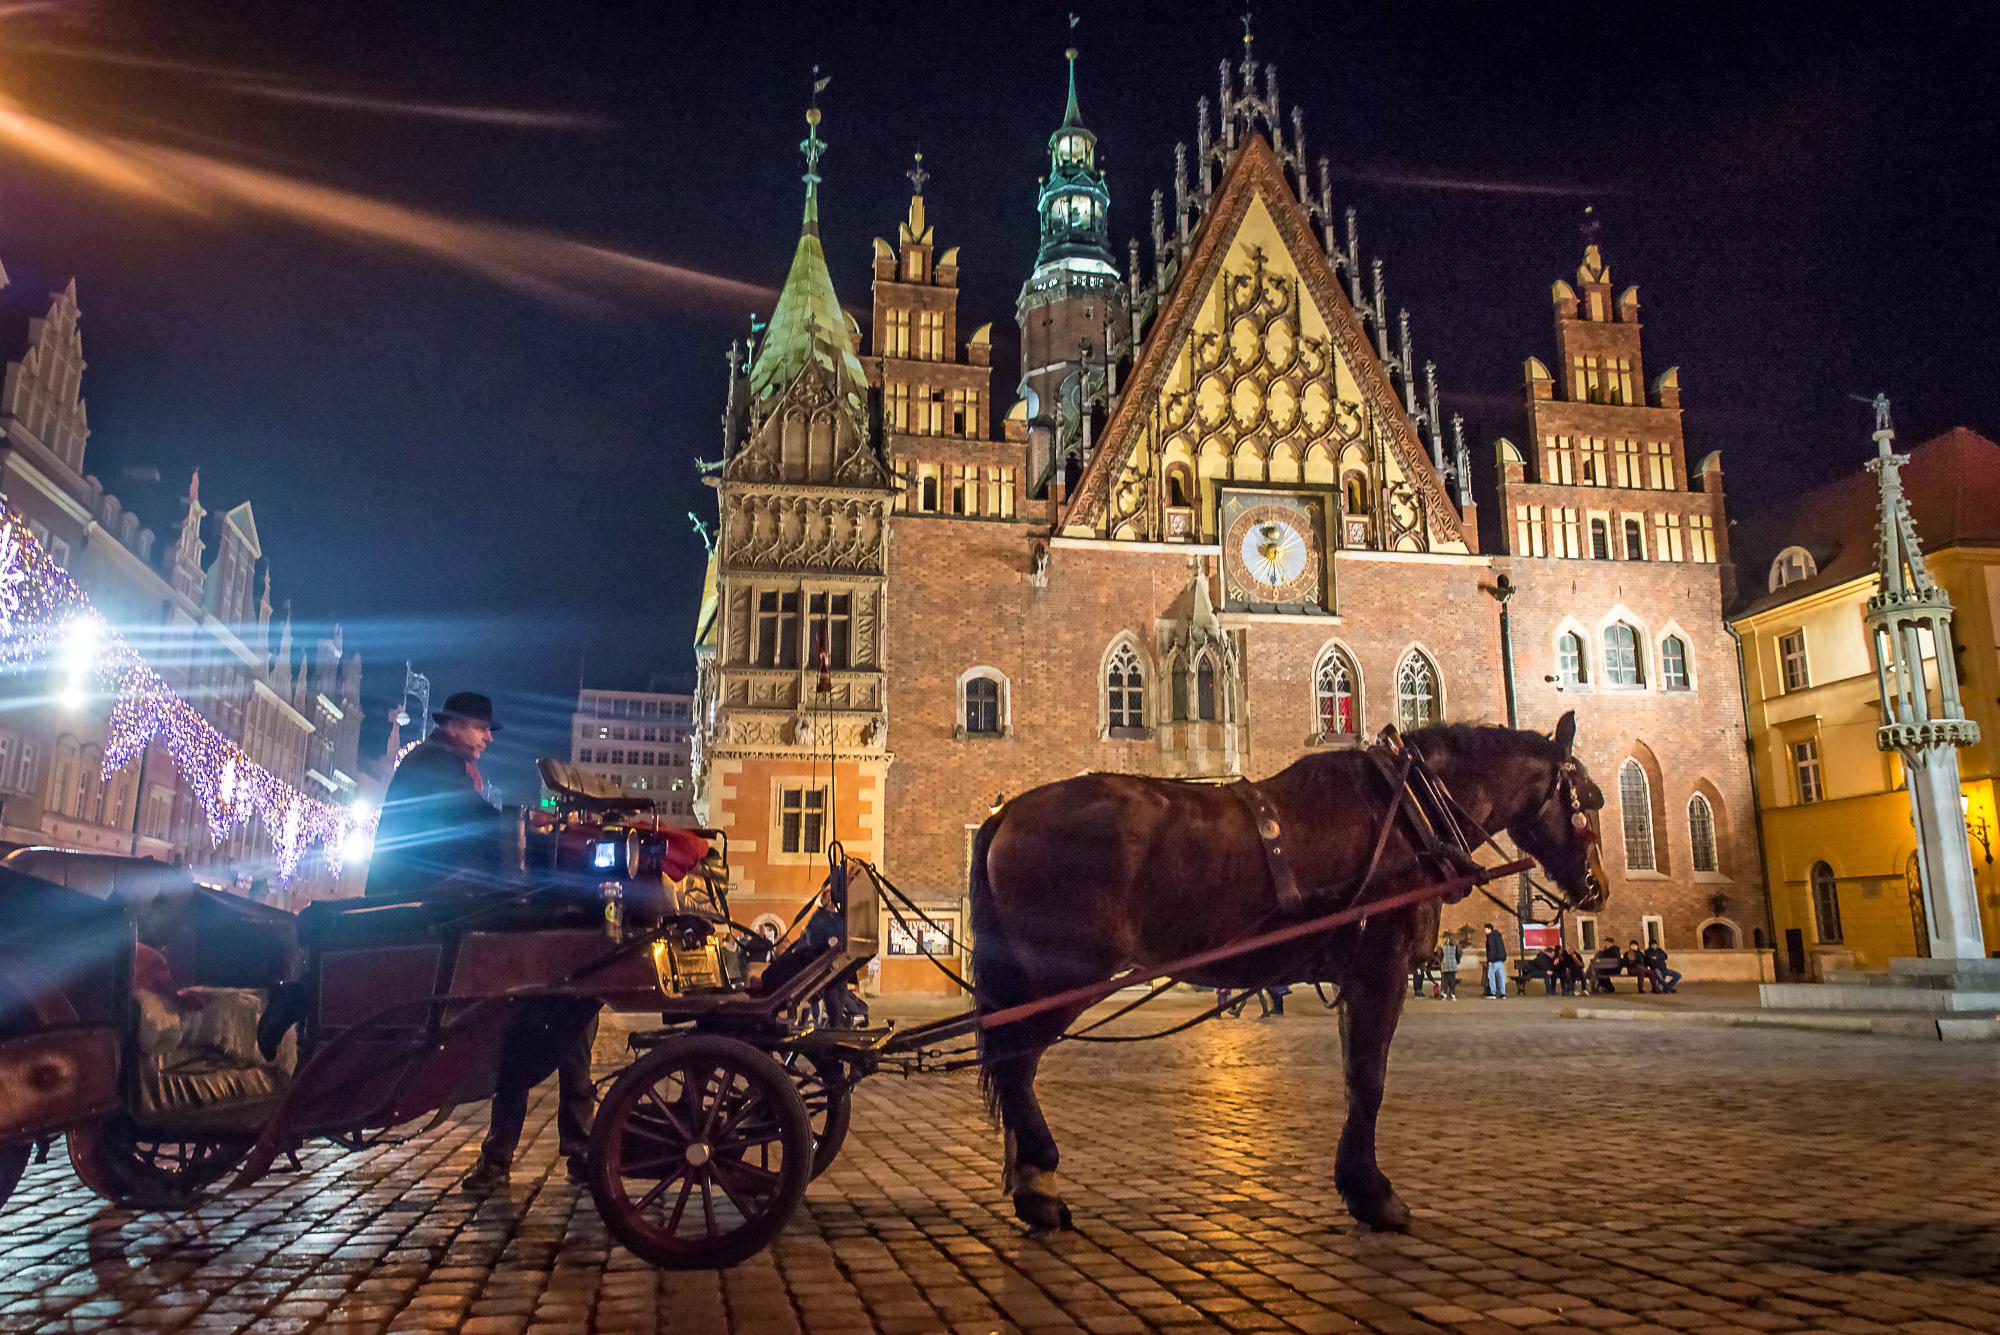 Devant Ratusz - l'hôtel de ville de Wroclaw